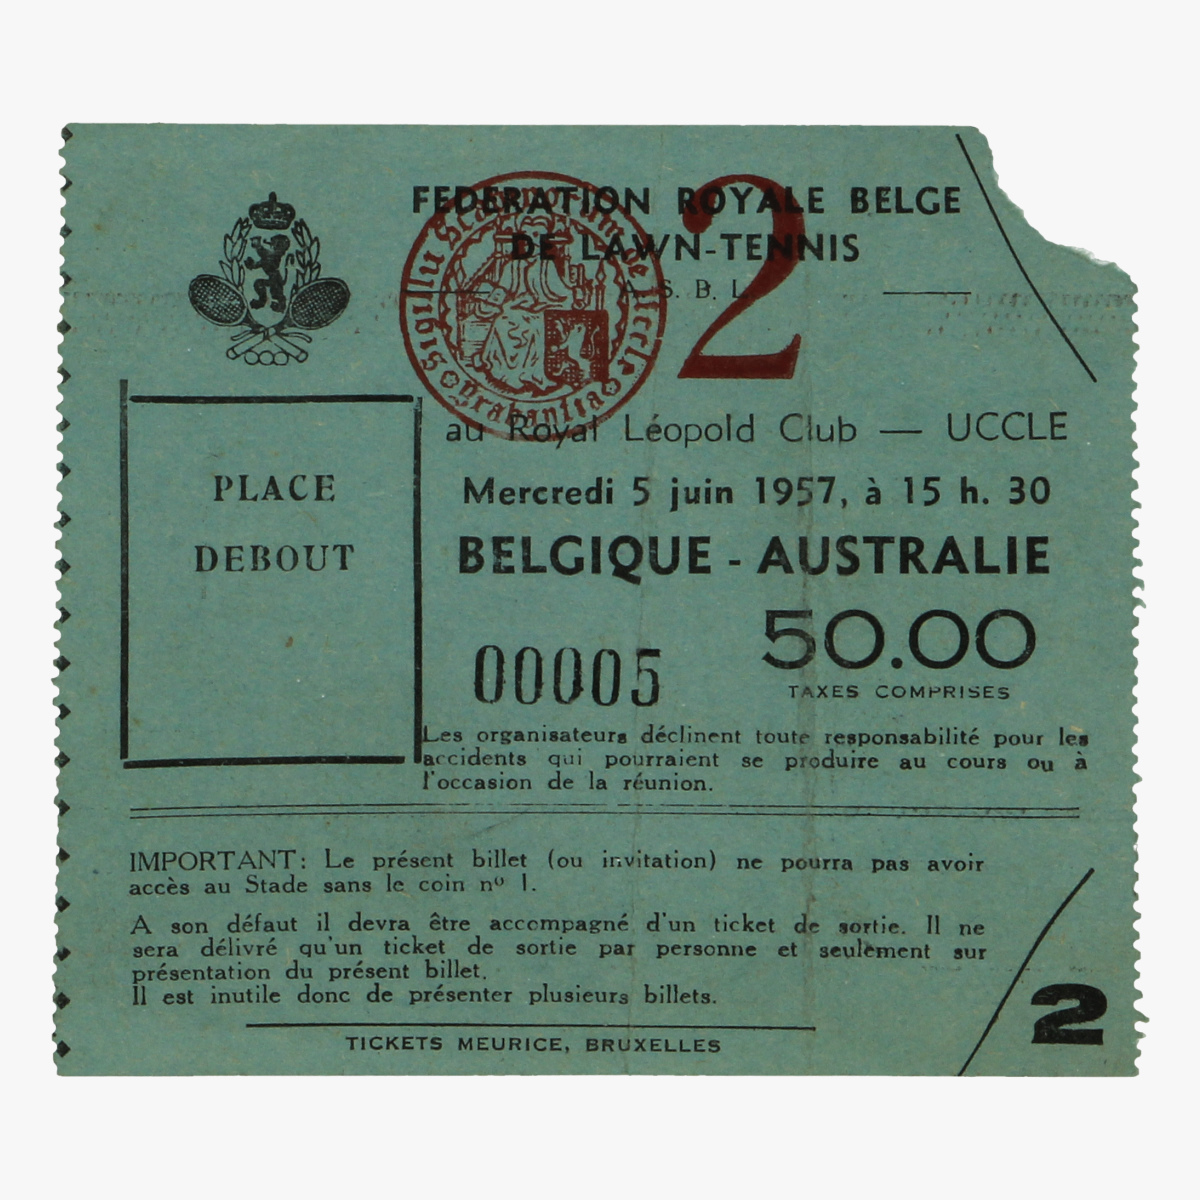 Afbeeldingen van tennis ticket belgique - australie 5 juni 1957